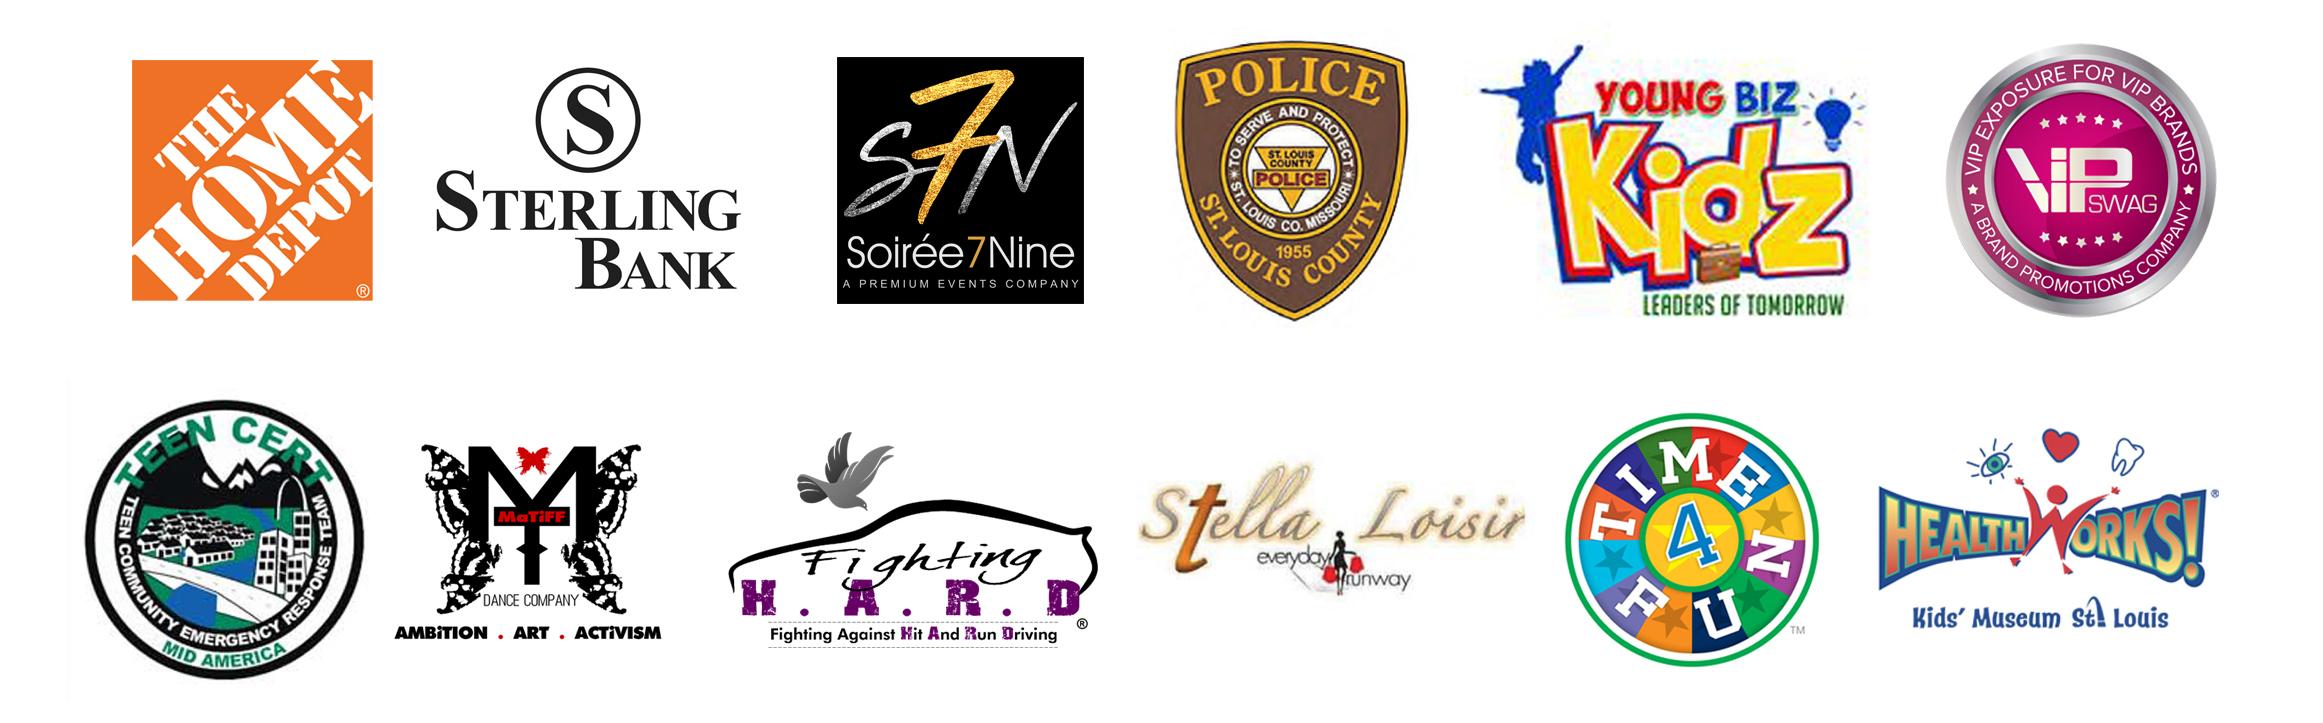 STLKE_2018_Community-Partner-Logos.jpg